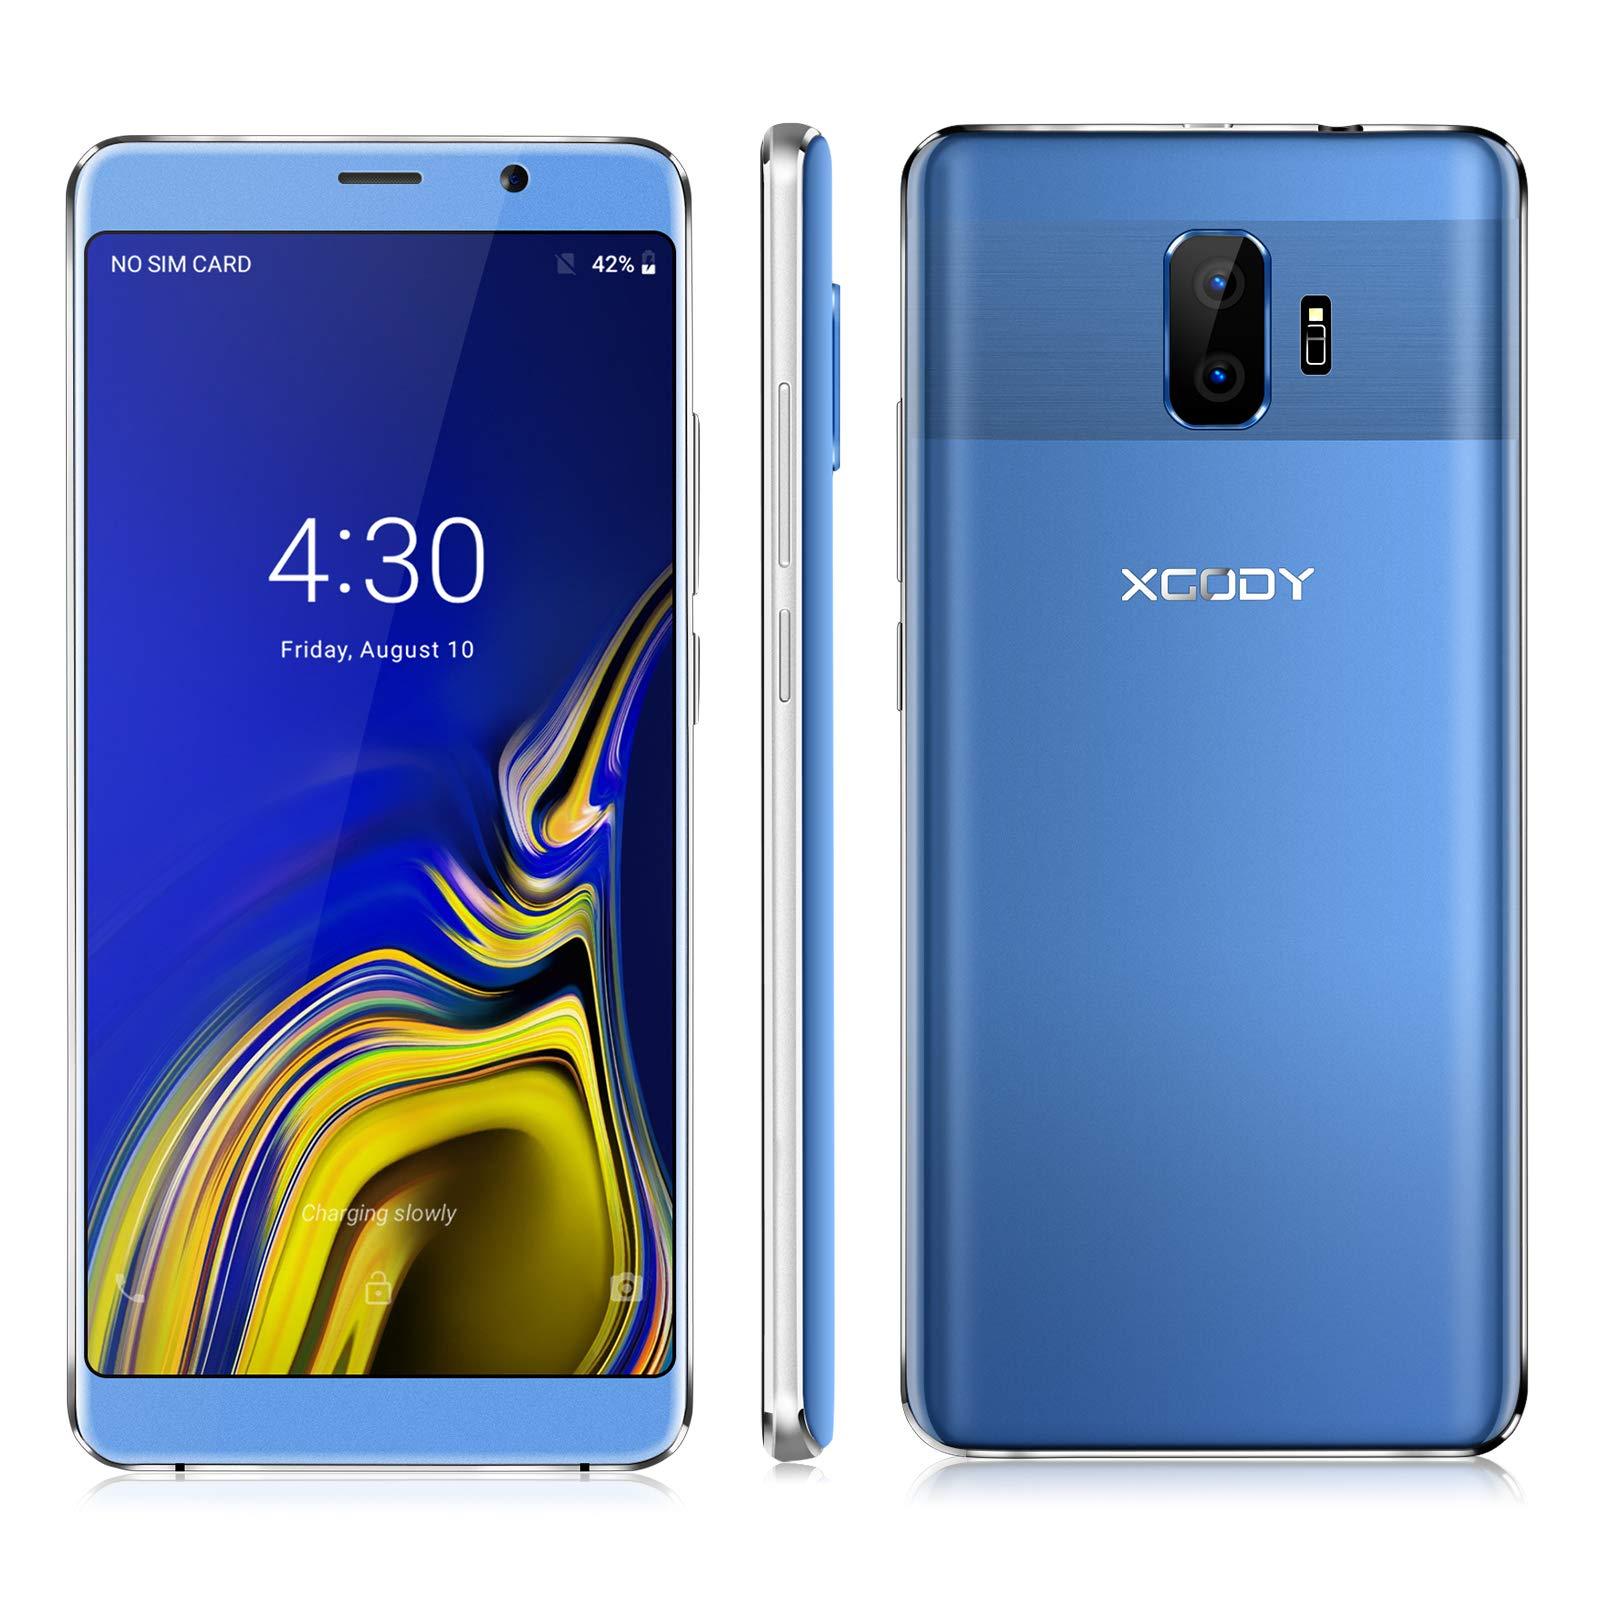 Xgody SIM Free Mobile Phones, Y27 Android GO 8.1, Dual SIM ...